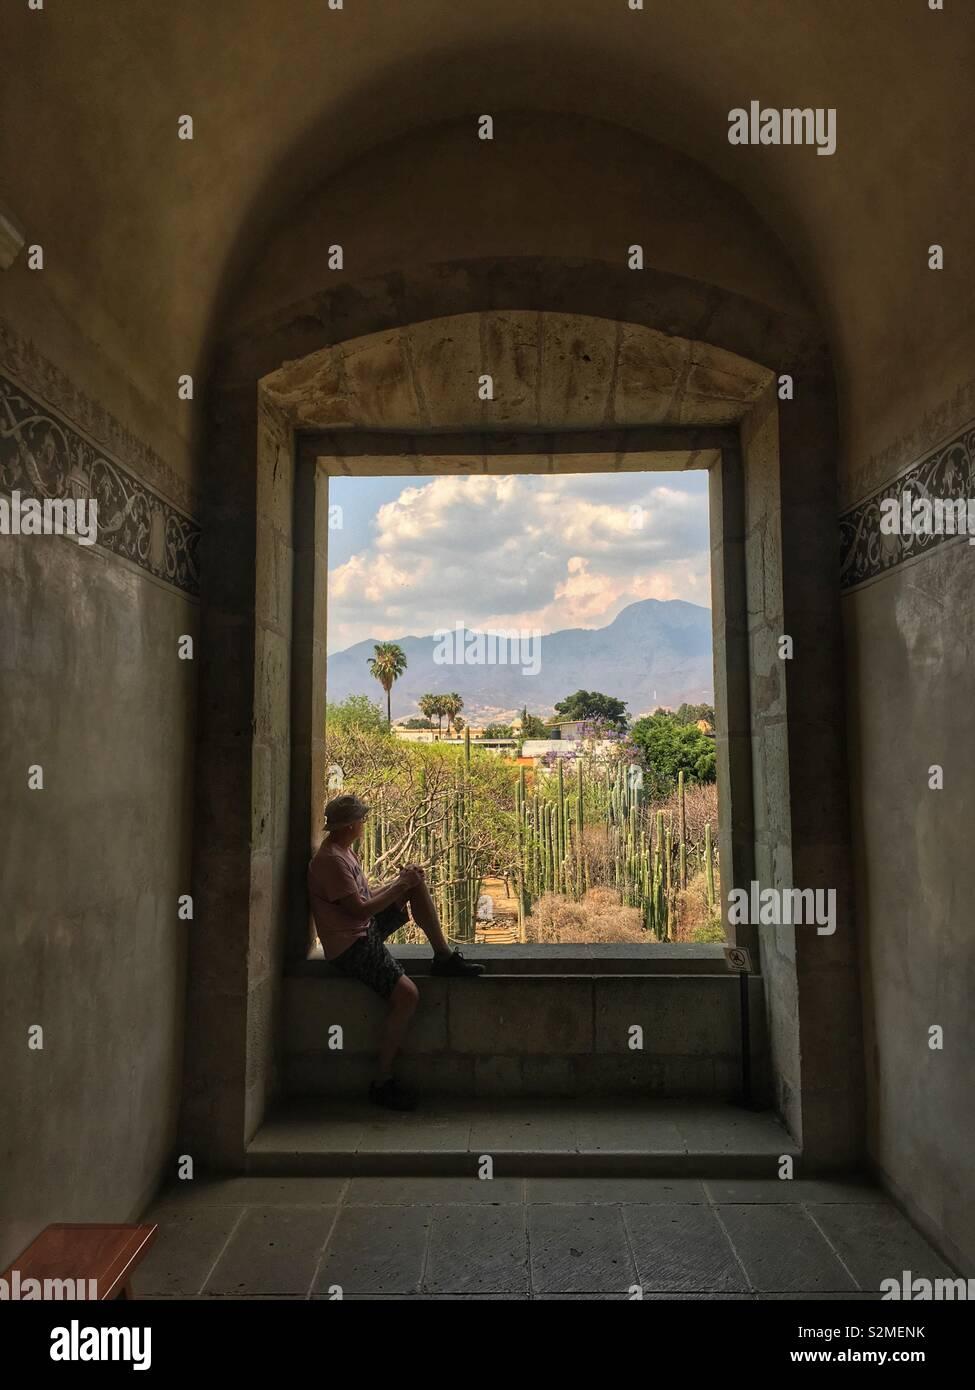 Hombre descansando en la ventana con vistas a los jardines del Museo de las Culturas de Oaxaca, Santo Domingo, la ciudad de Oaxaca, Oaxaca, México Imagen De Stock